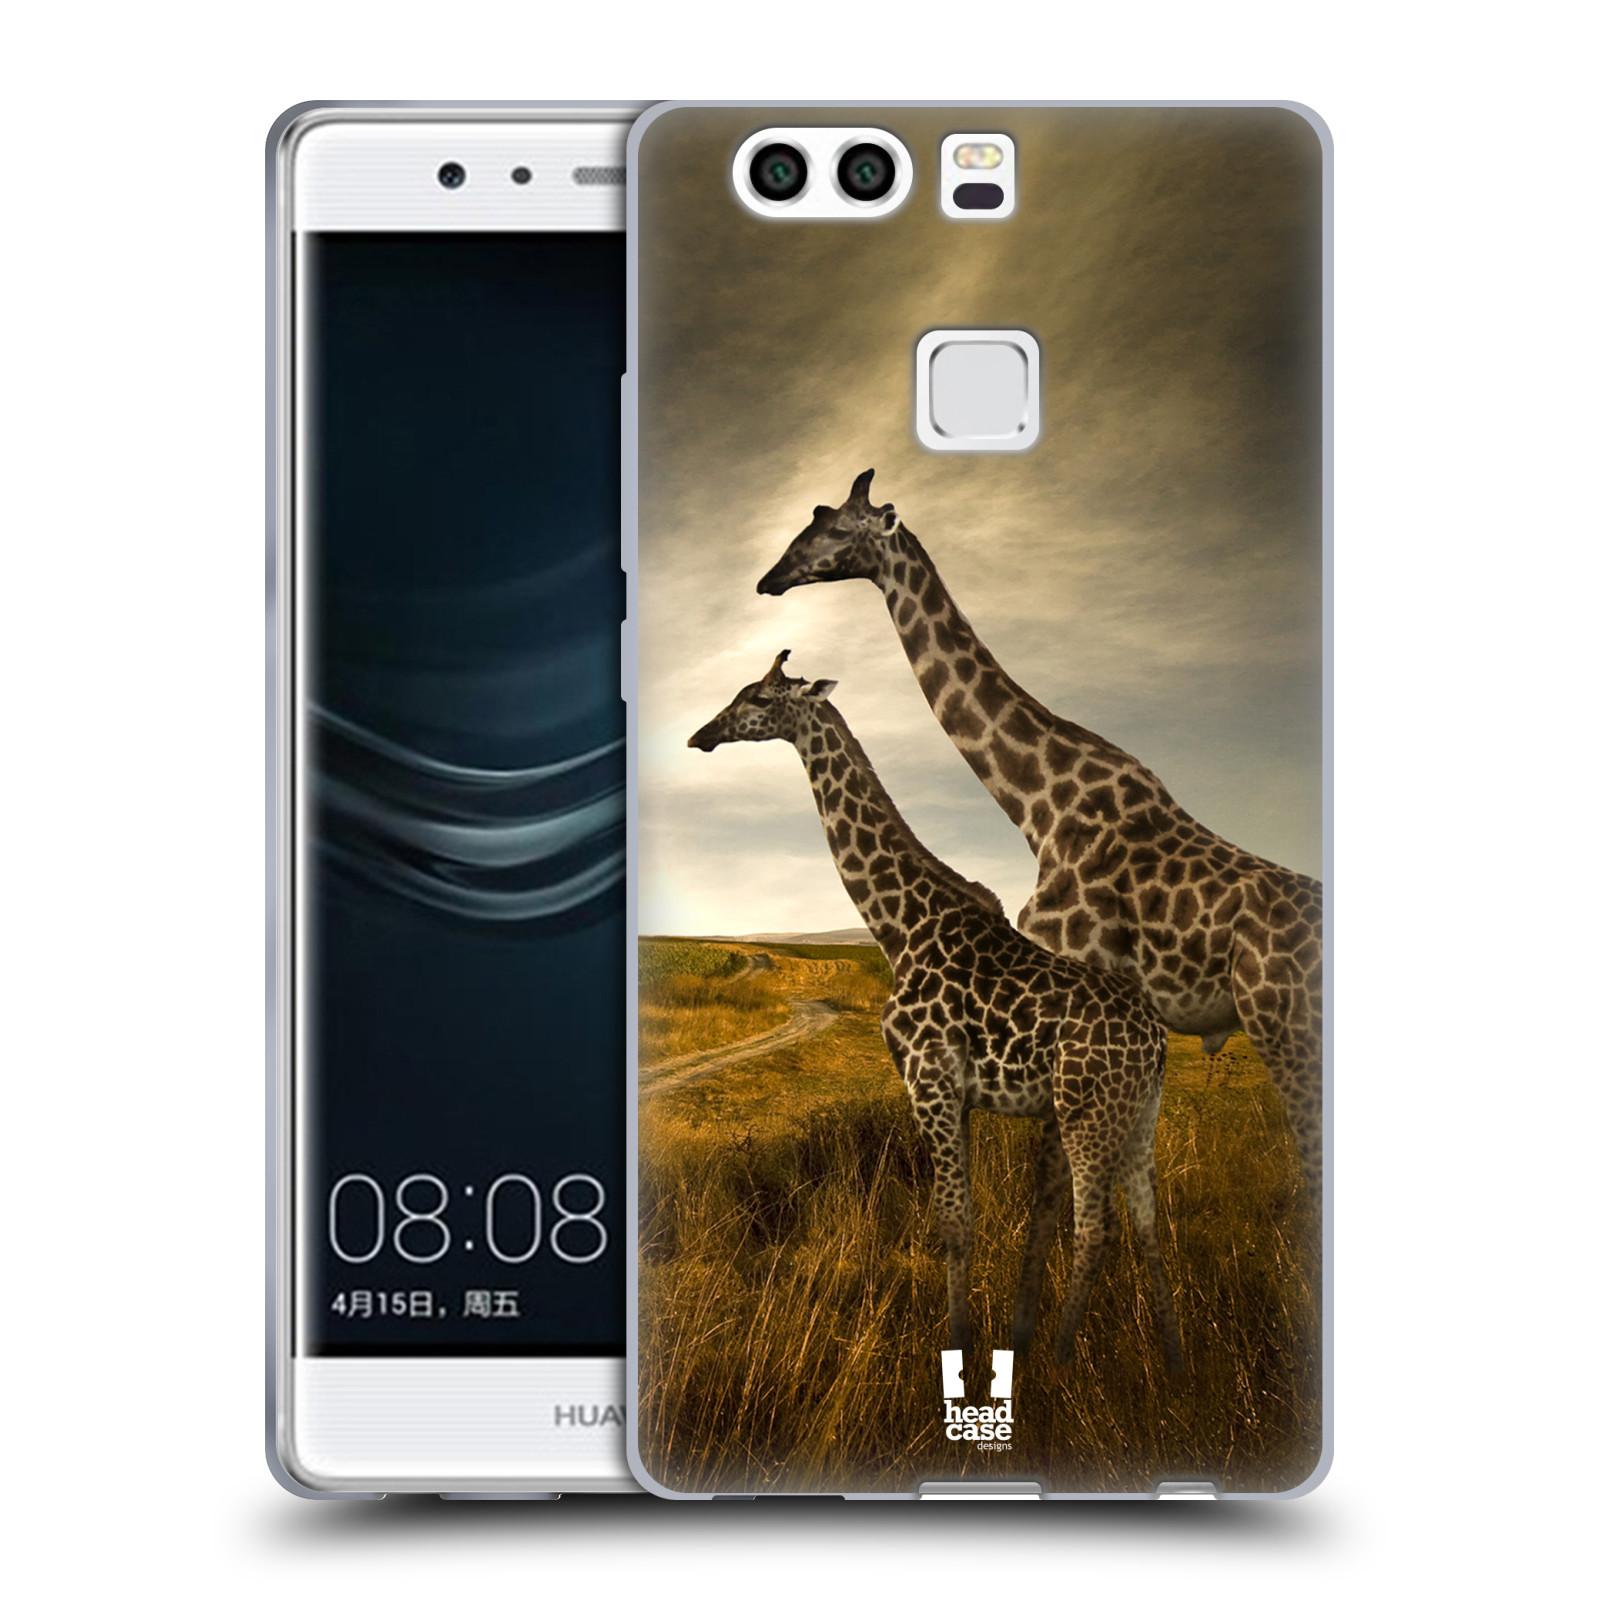 HEAD CASE silikonový obal na mobil Huawei P9 PLUS/ P9+ DUAL SIM vzor Divočina, Divoký život a zvířata foto AFRIKA ŽIRAFY VÝHLED